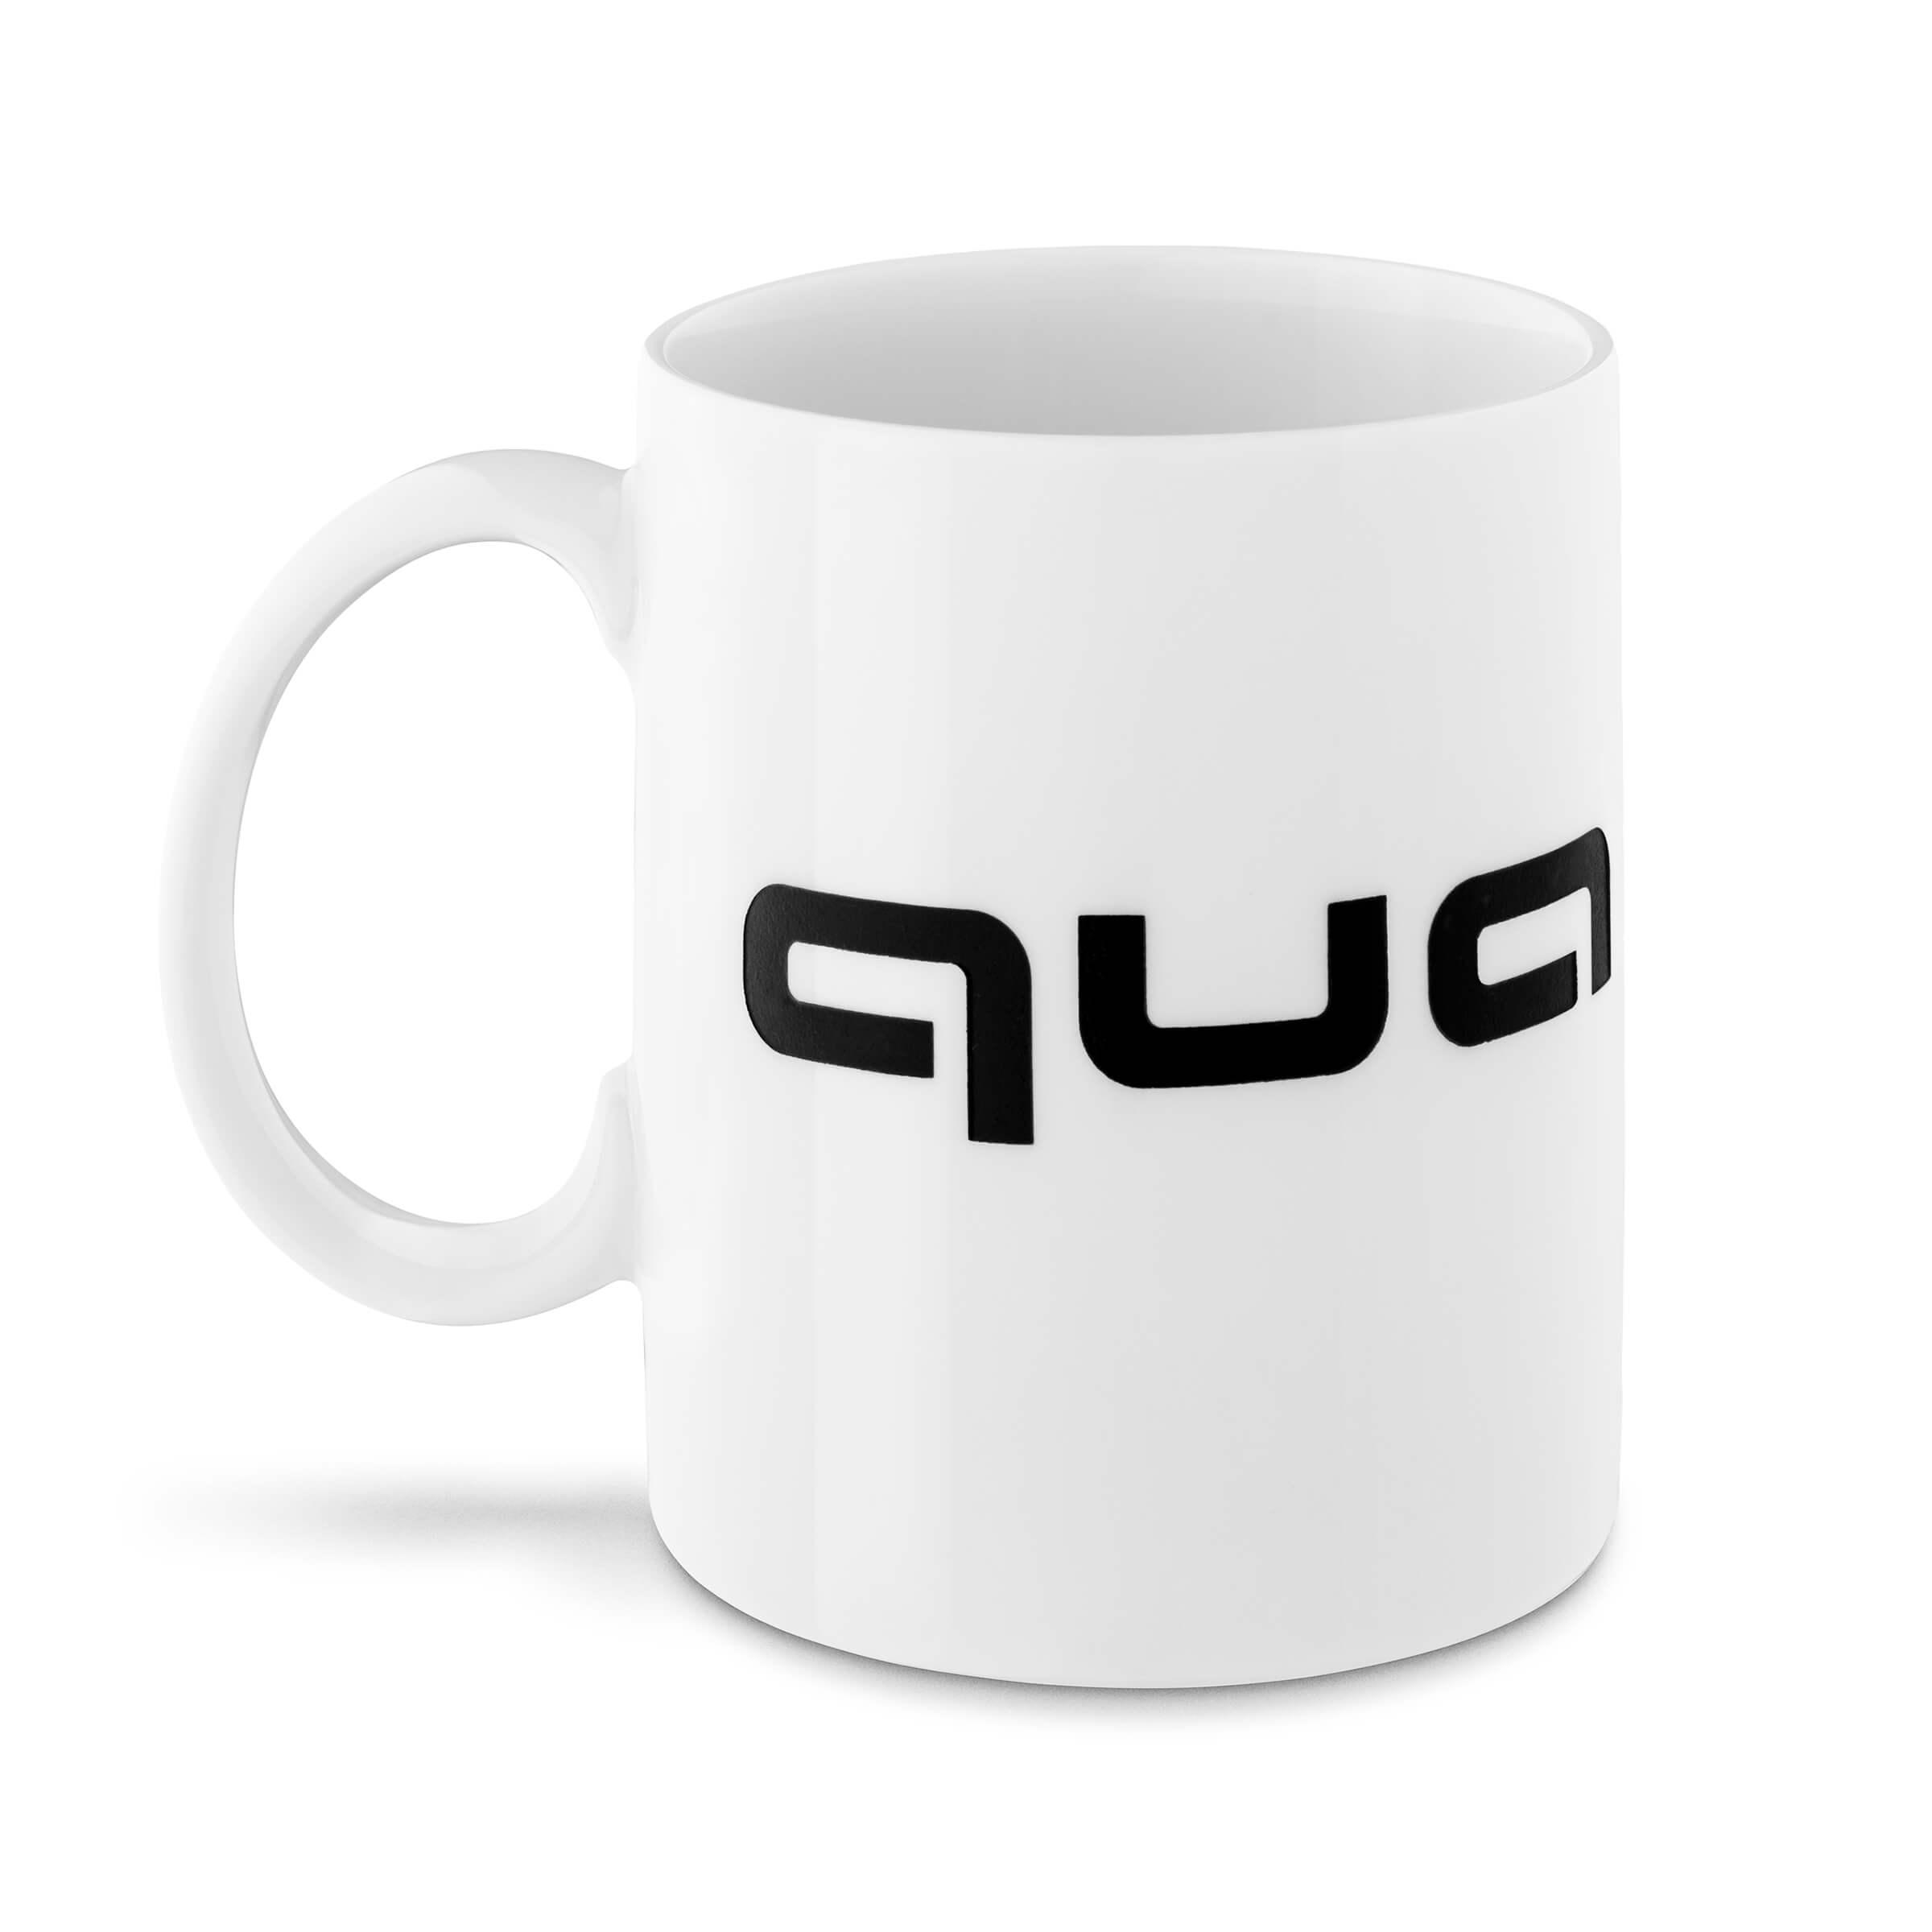 Audi quattro Becher Kaffeebecher Teetasse Tasse weiß/schwarz